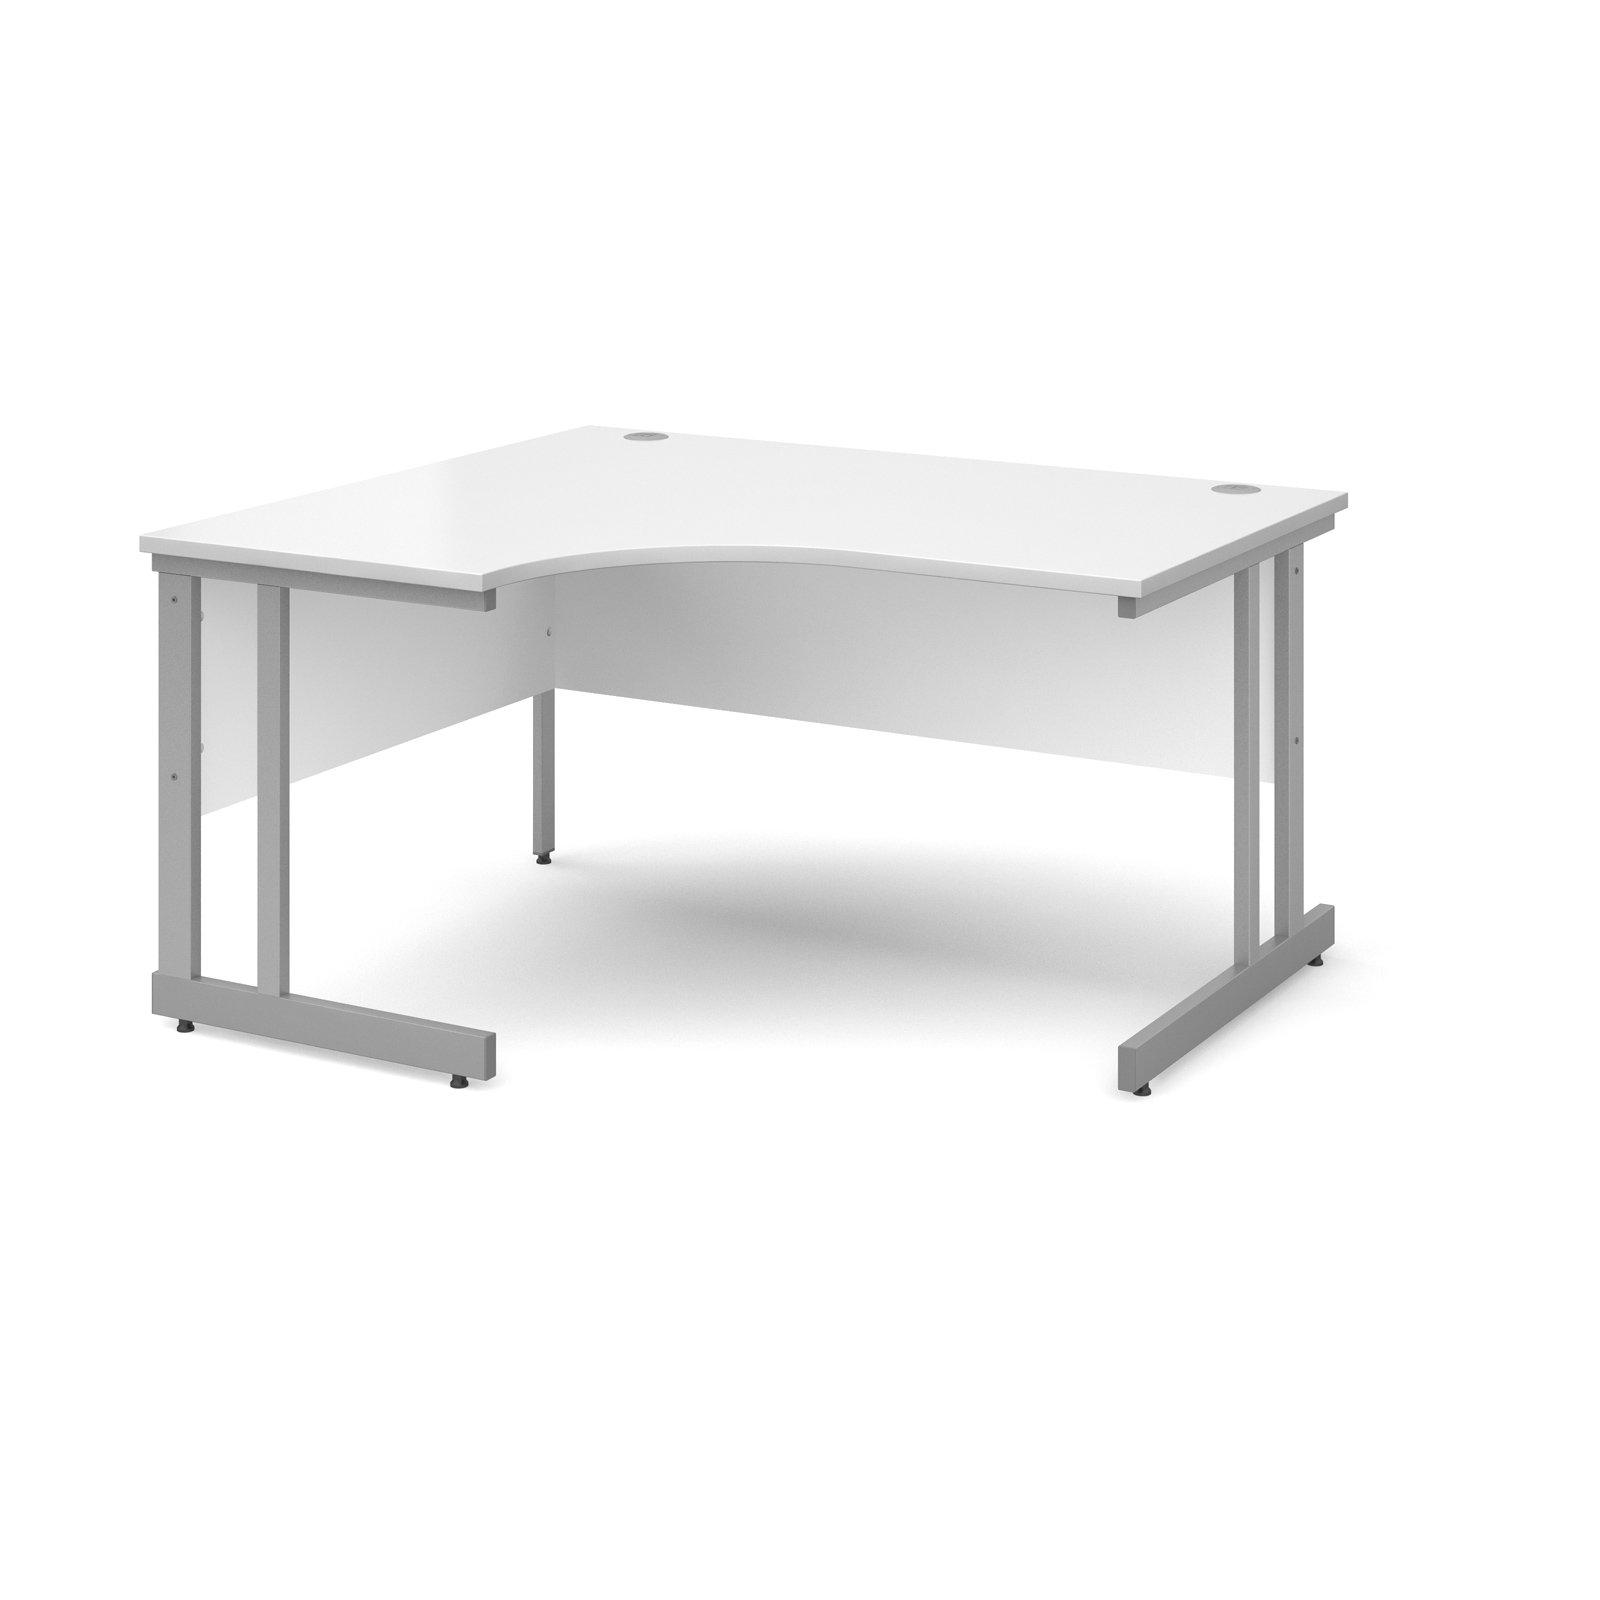 Momento left hand ergonomic desk 1400mm - silver cantilever frame, white top